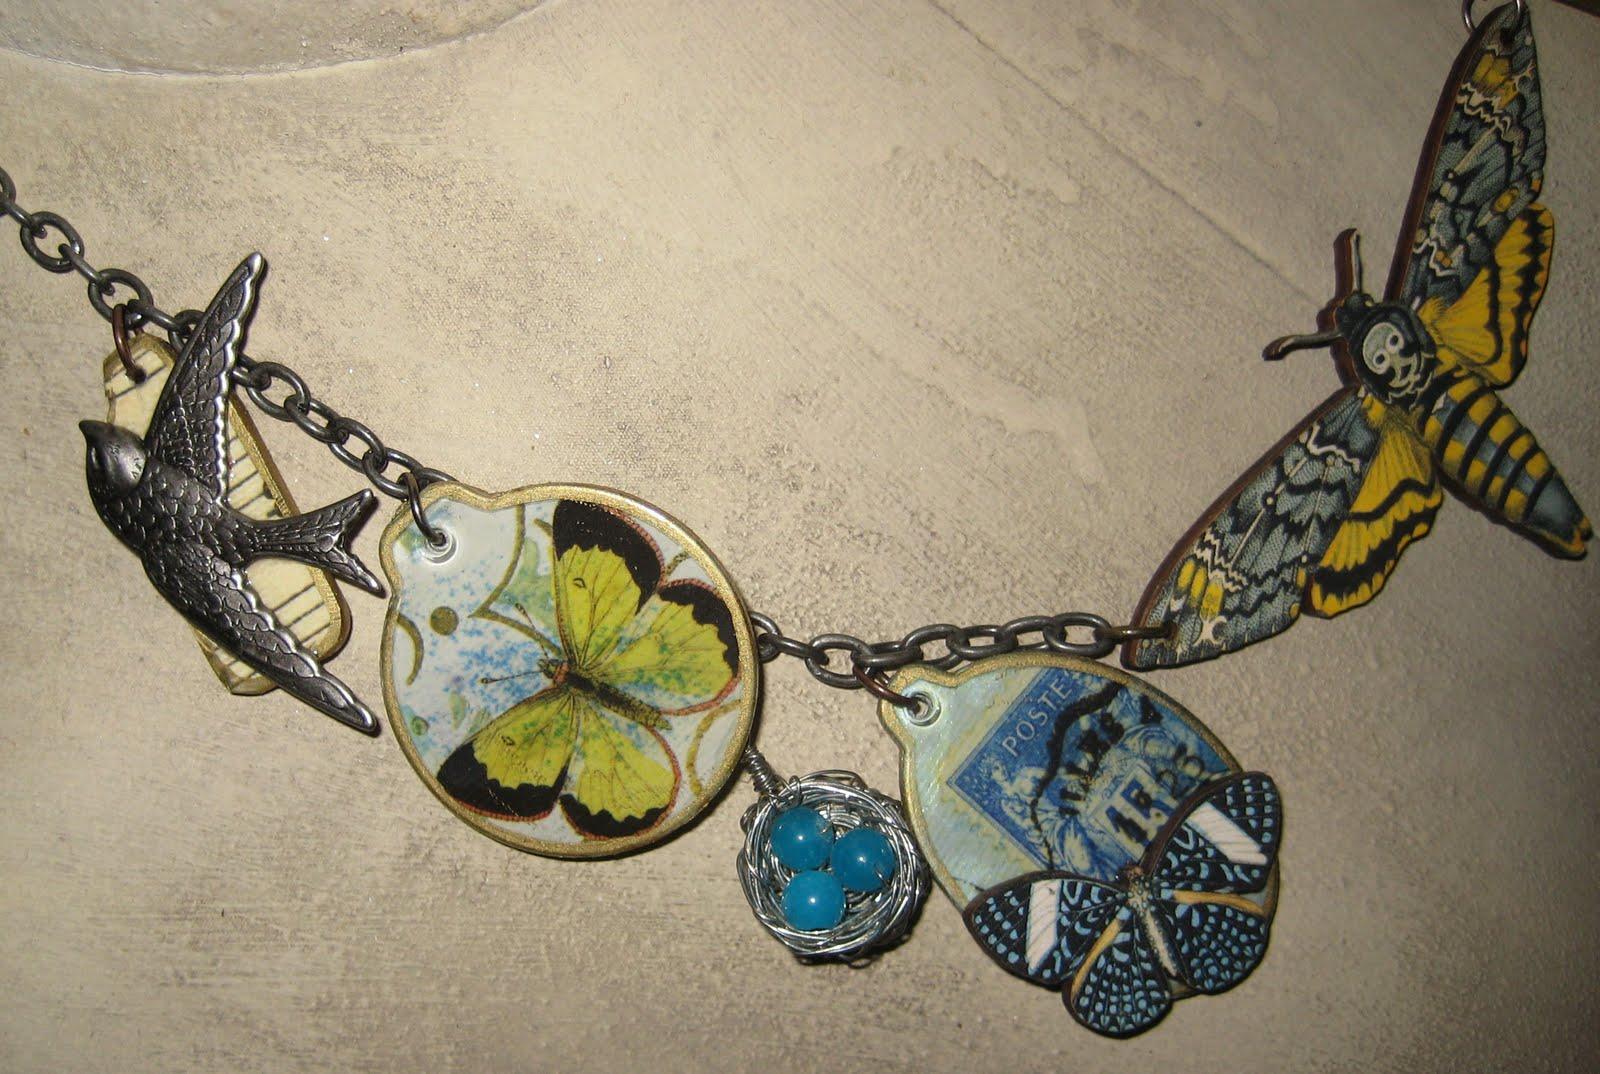 Got Art Blues Birds And Butterflies